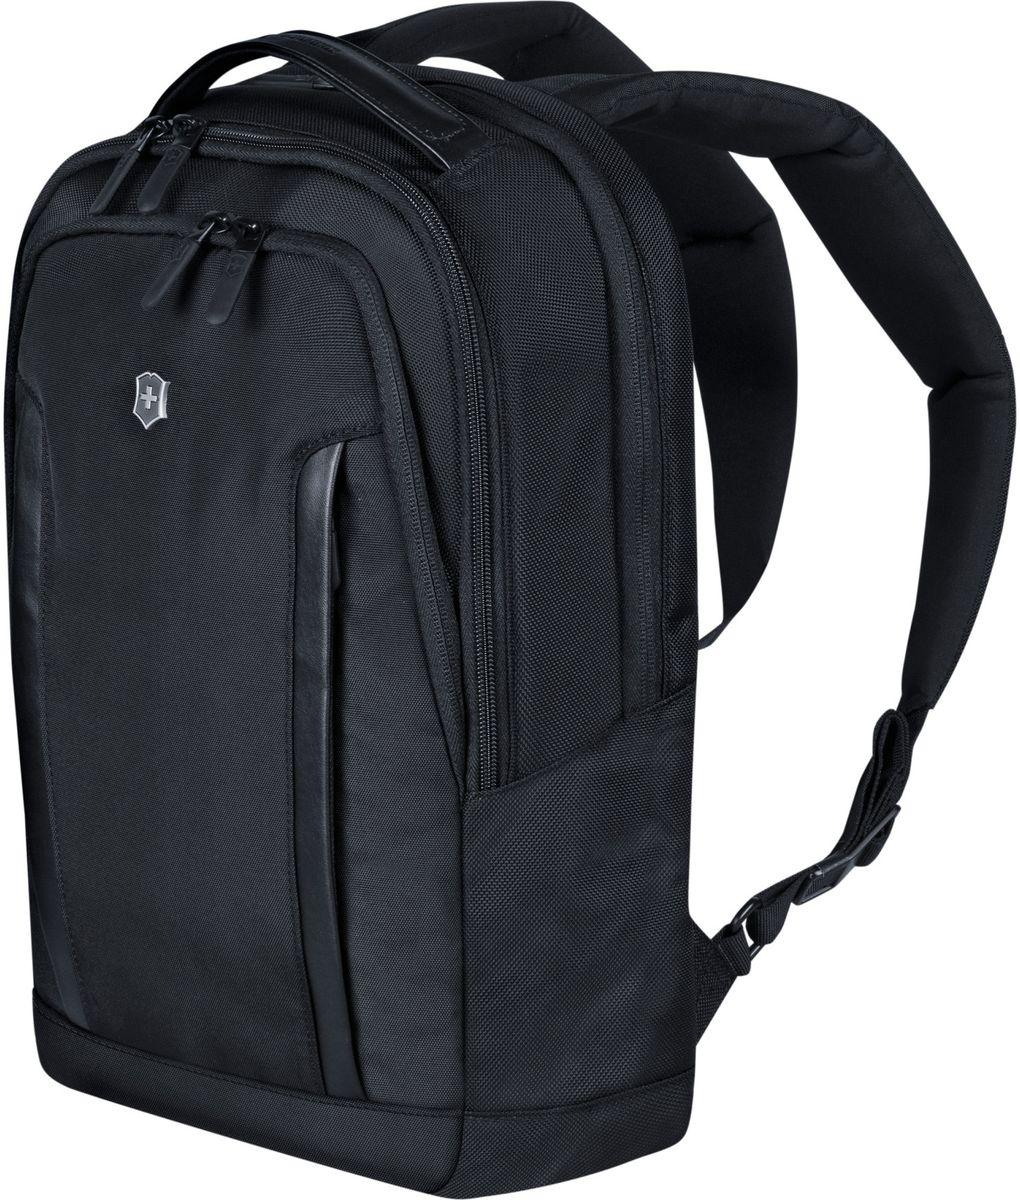 Σακίδιο πλάτης Compact Laptop 17.3inch Victorinox 602151 Μαυρο τσάντες laptop   πλάτης